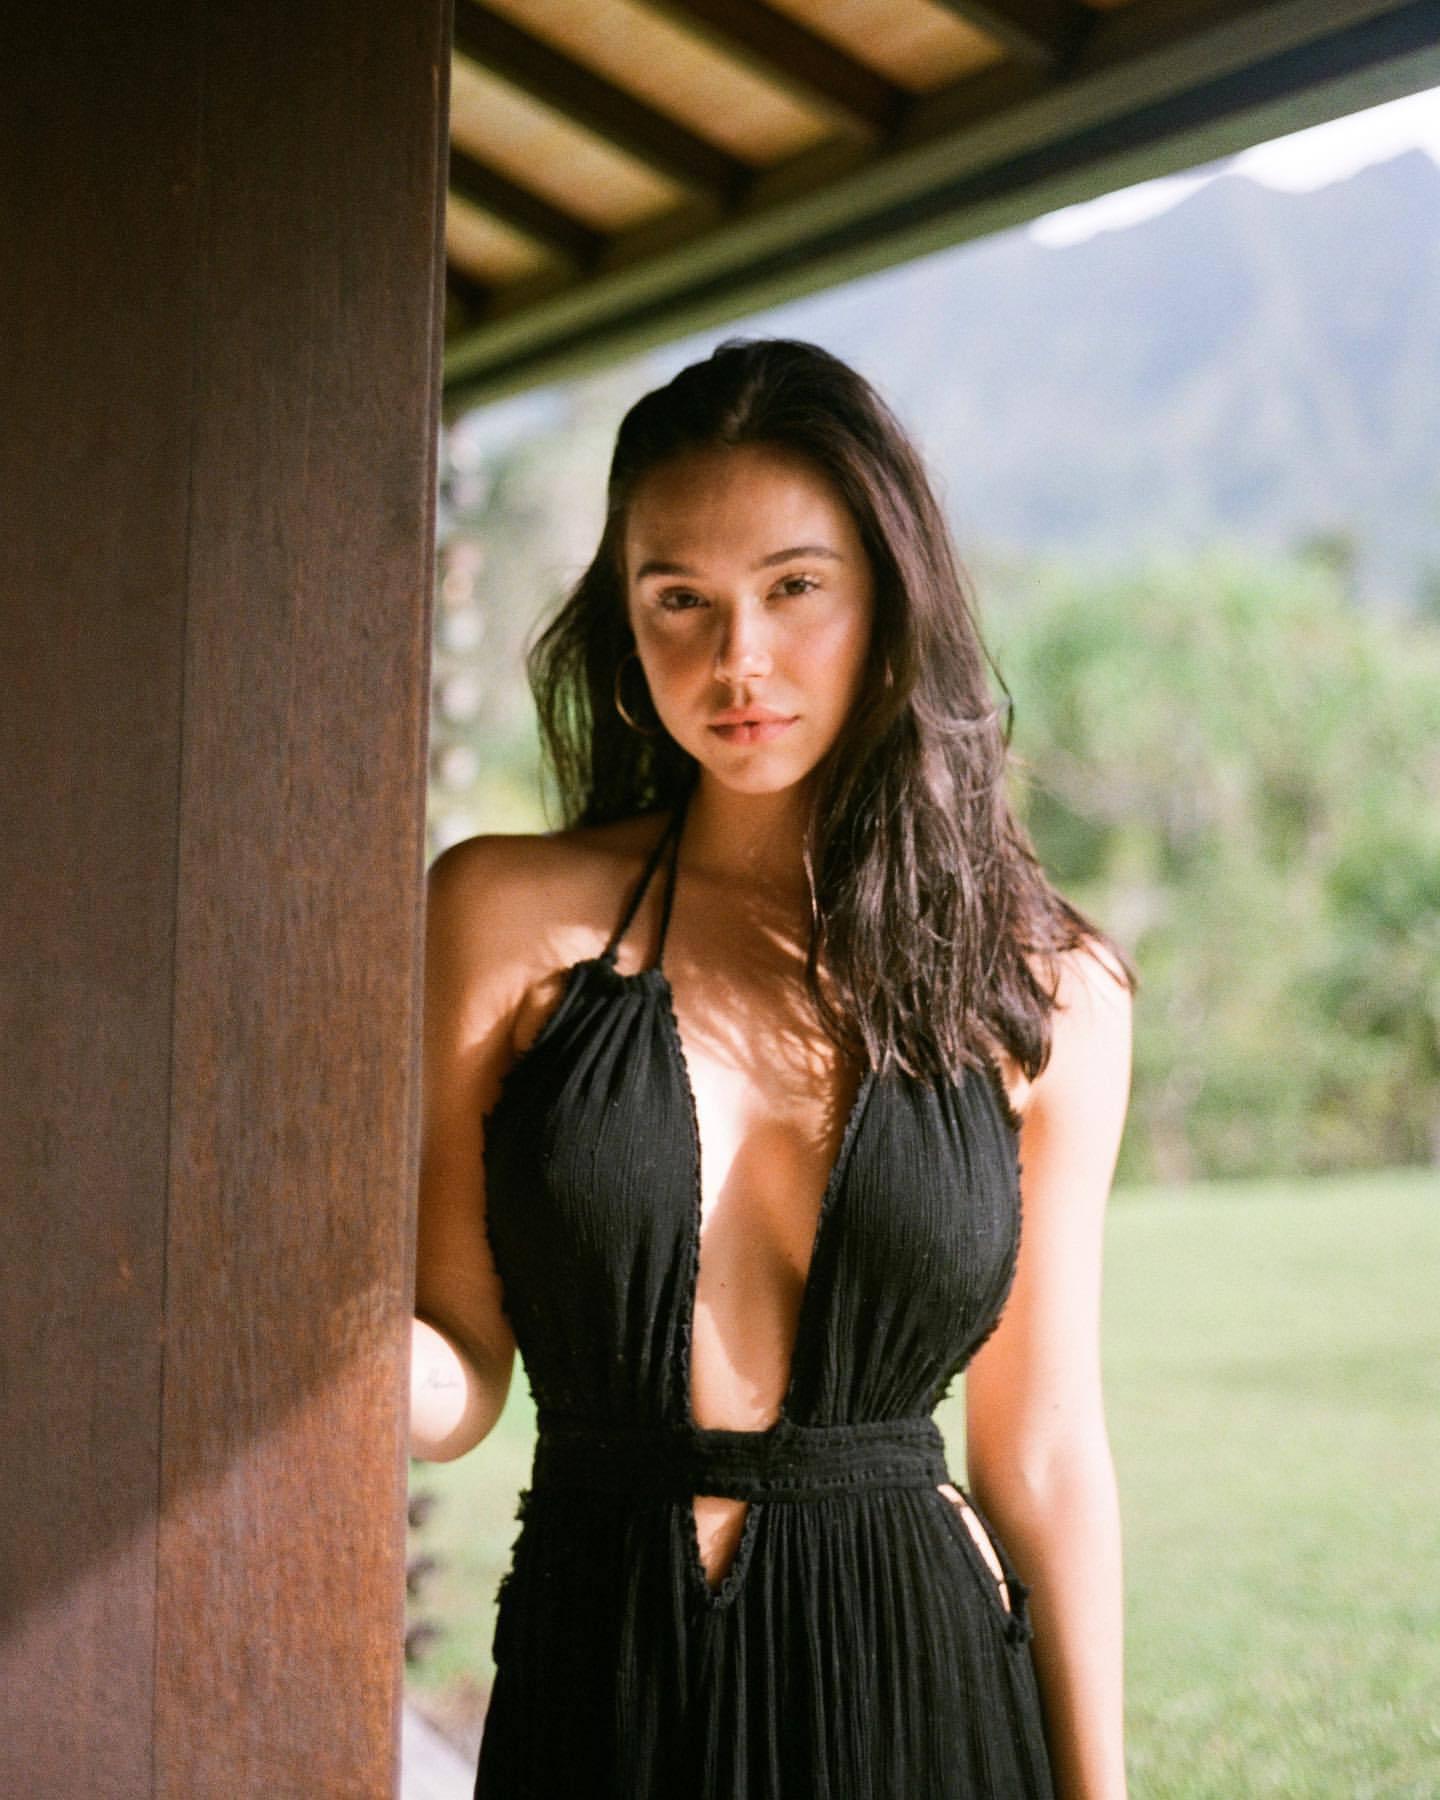 Alexis Ren Beautiful Body